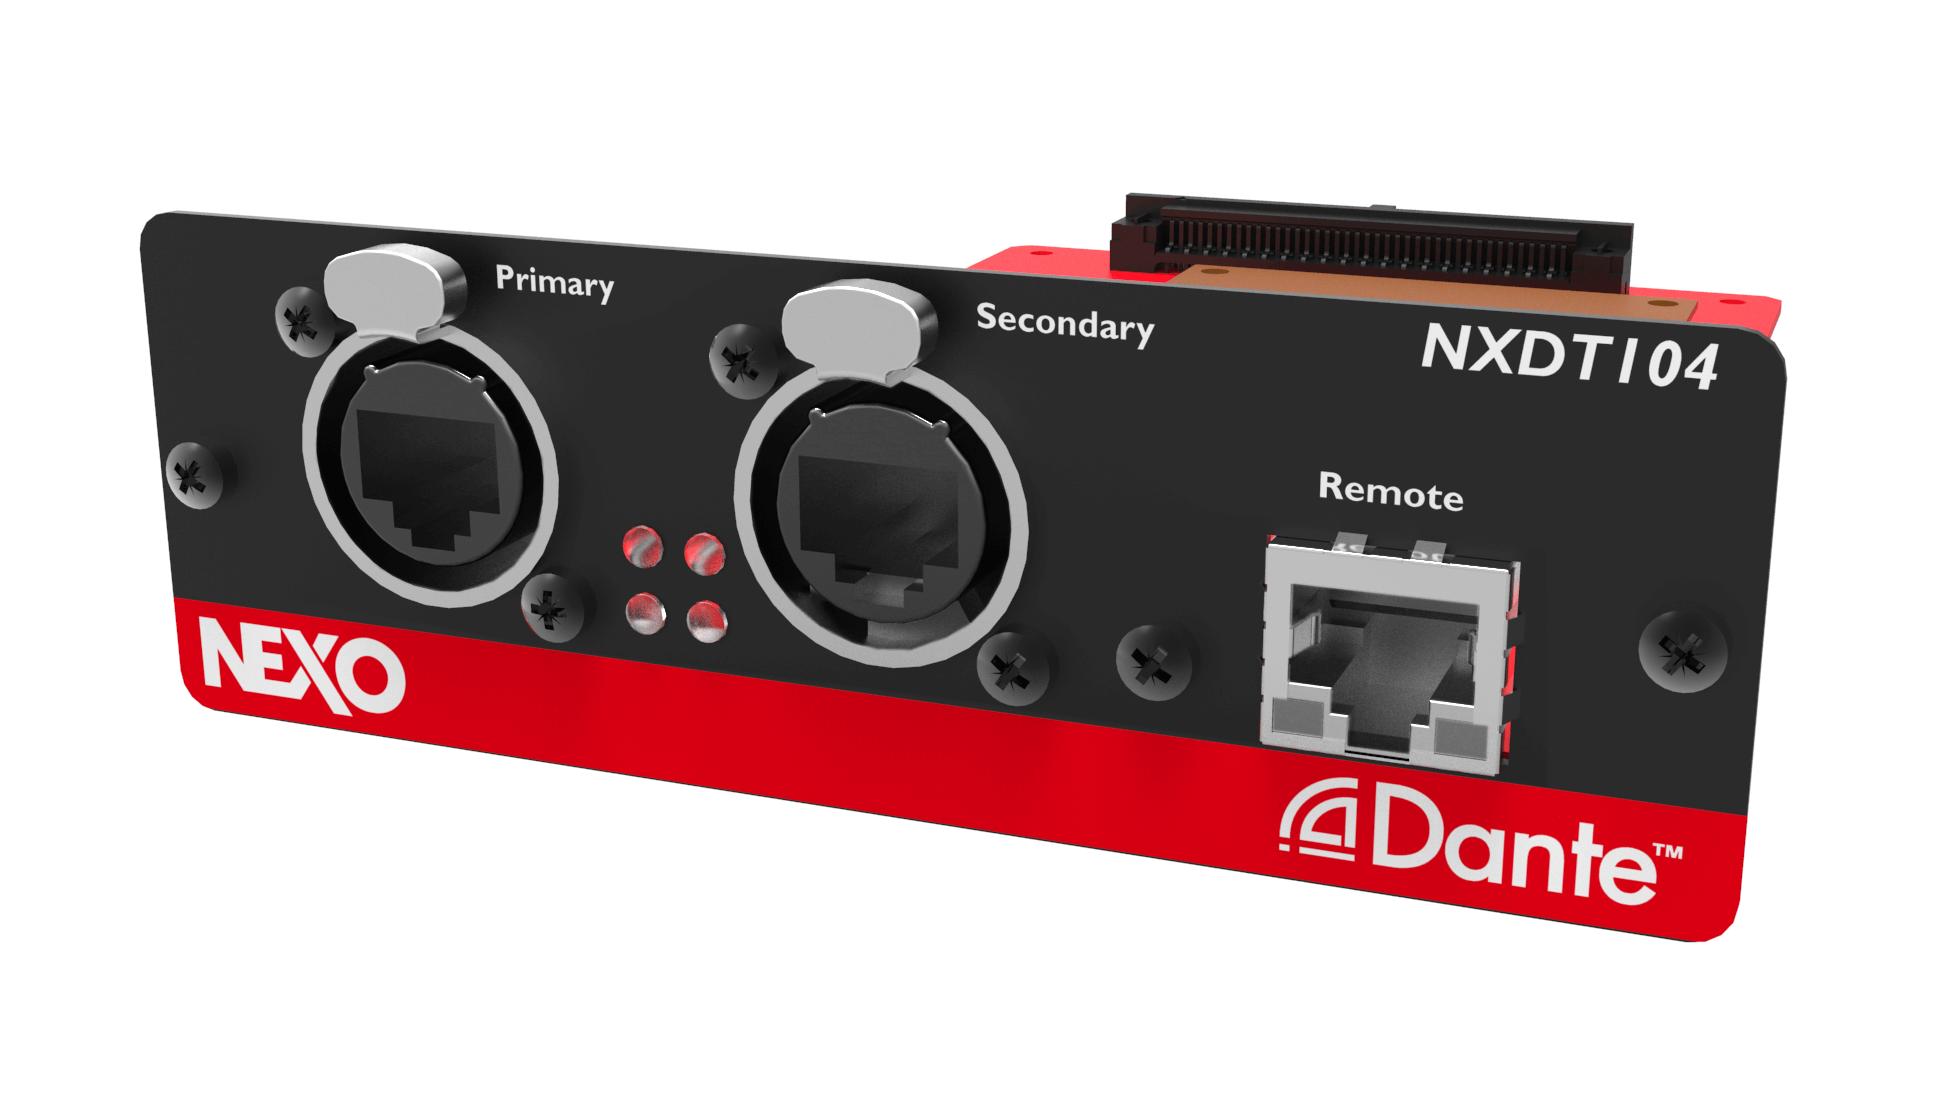 NX.DT104